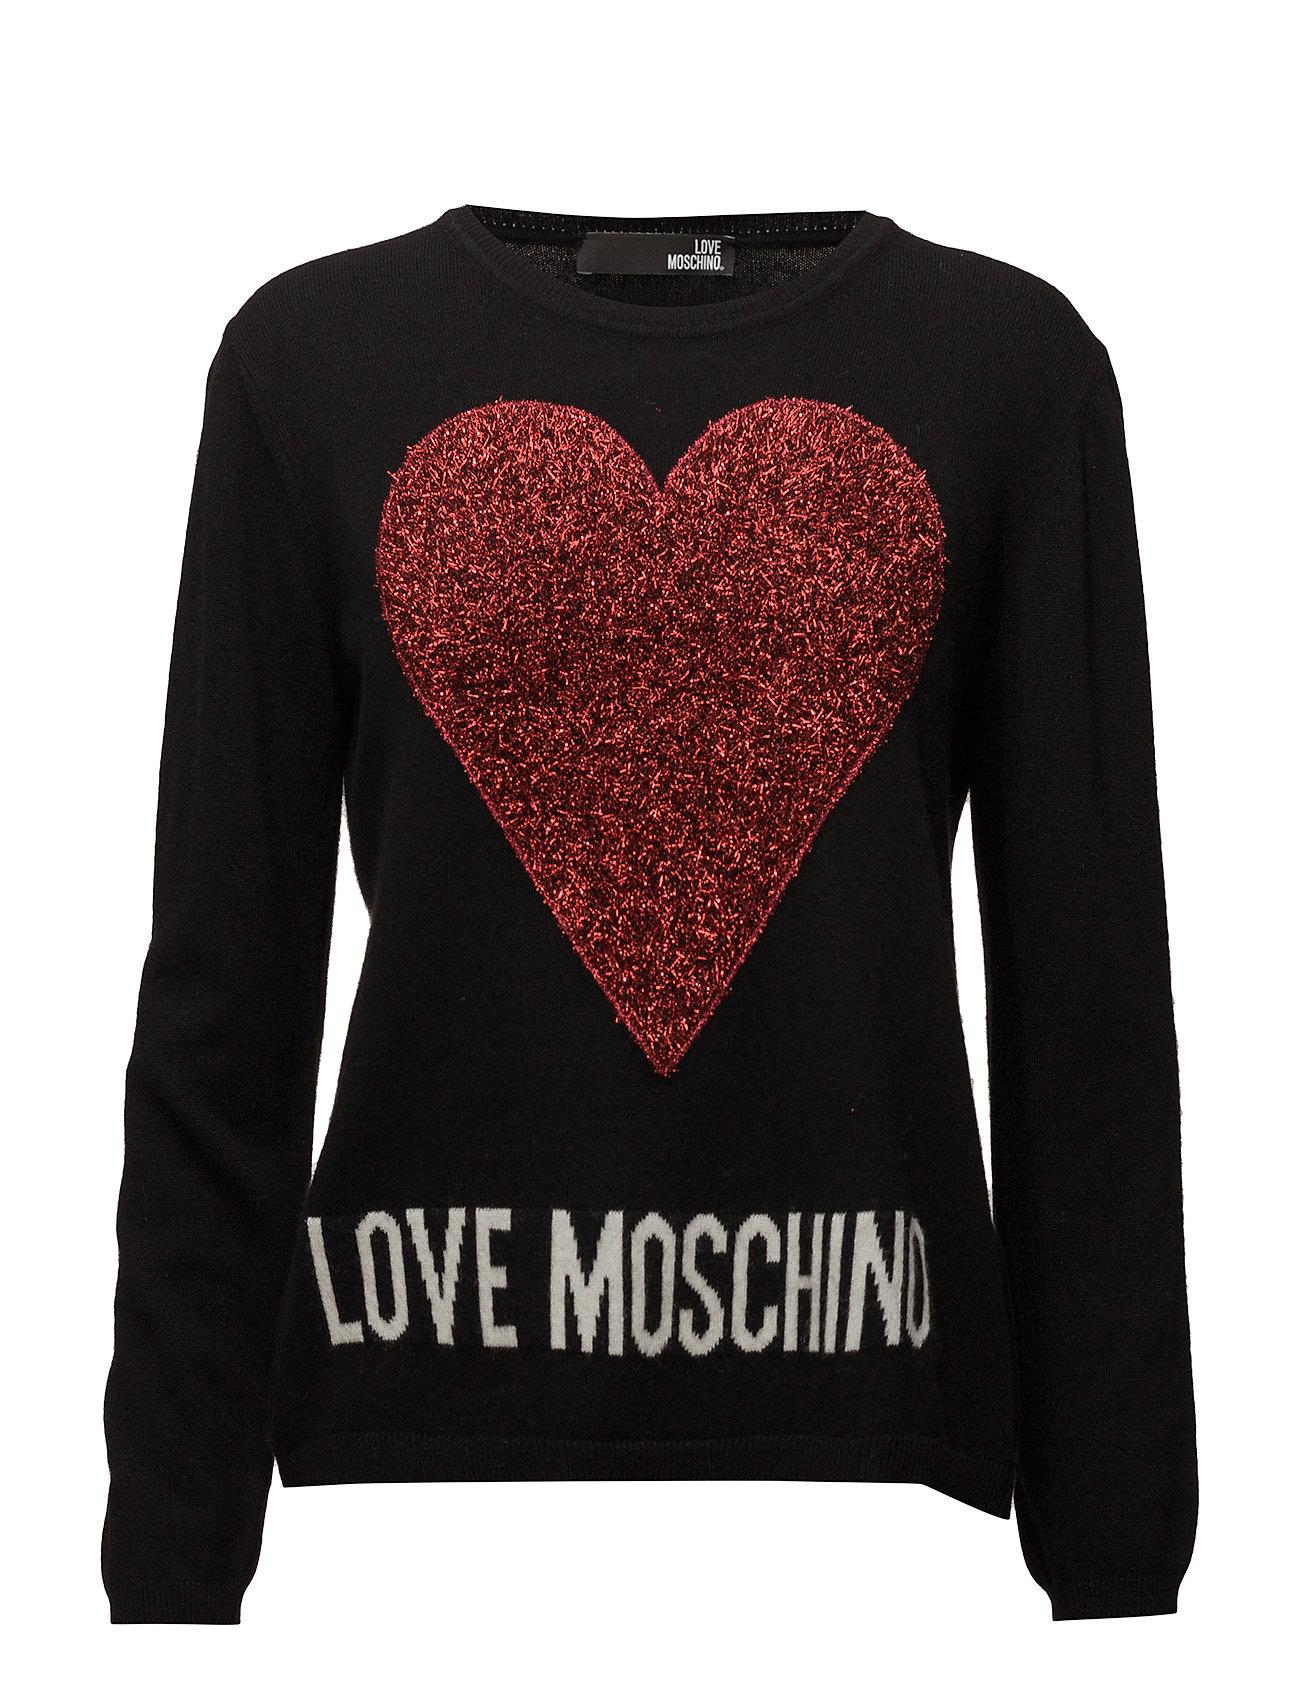 Love Moschino-Sweater Love Moschino Sweatshirts til Damer i Sort